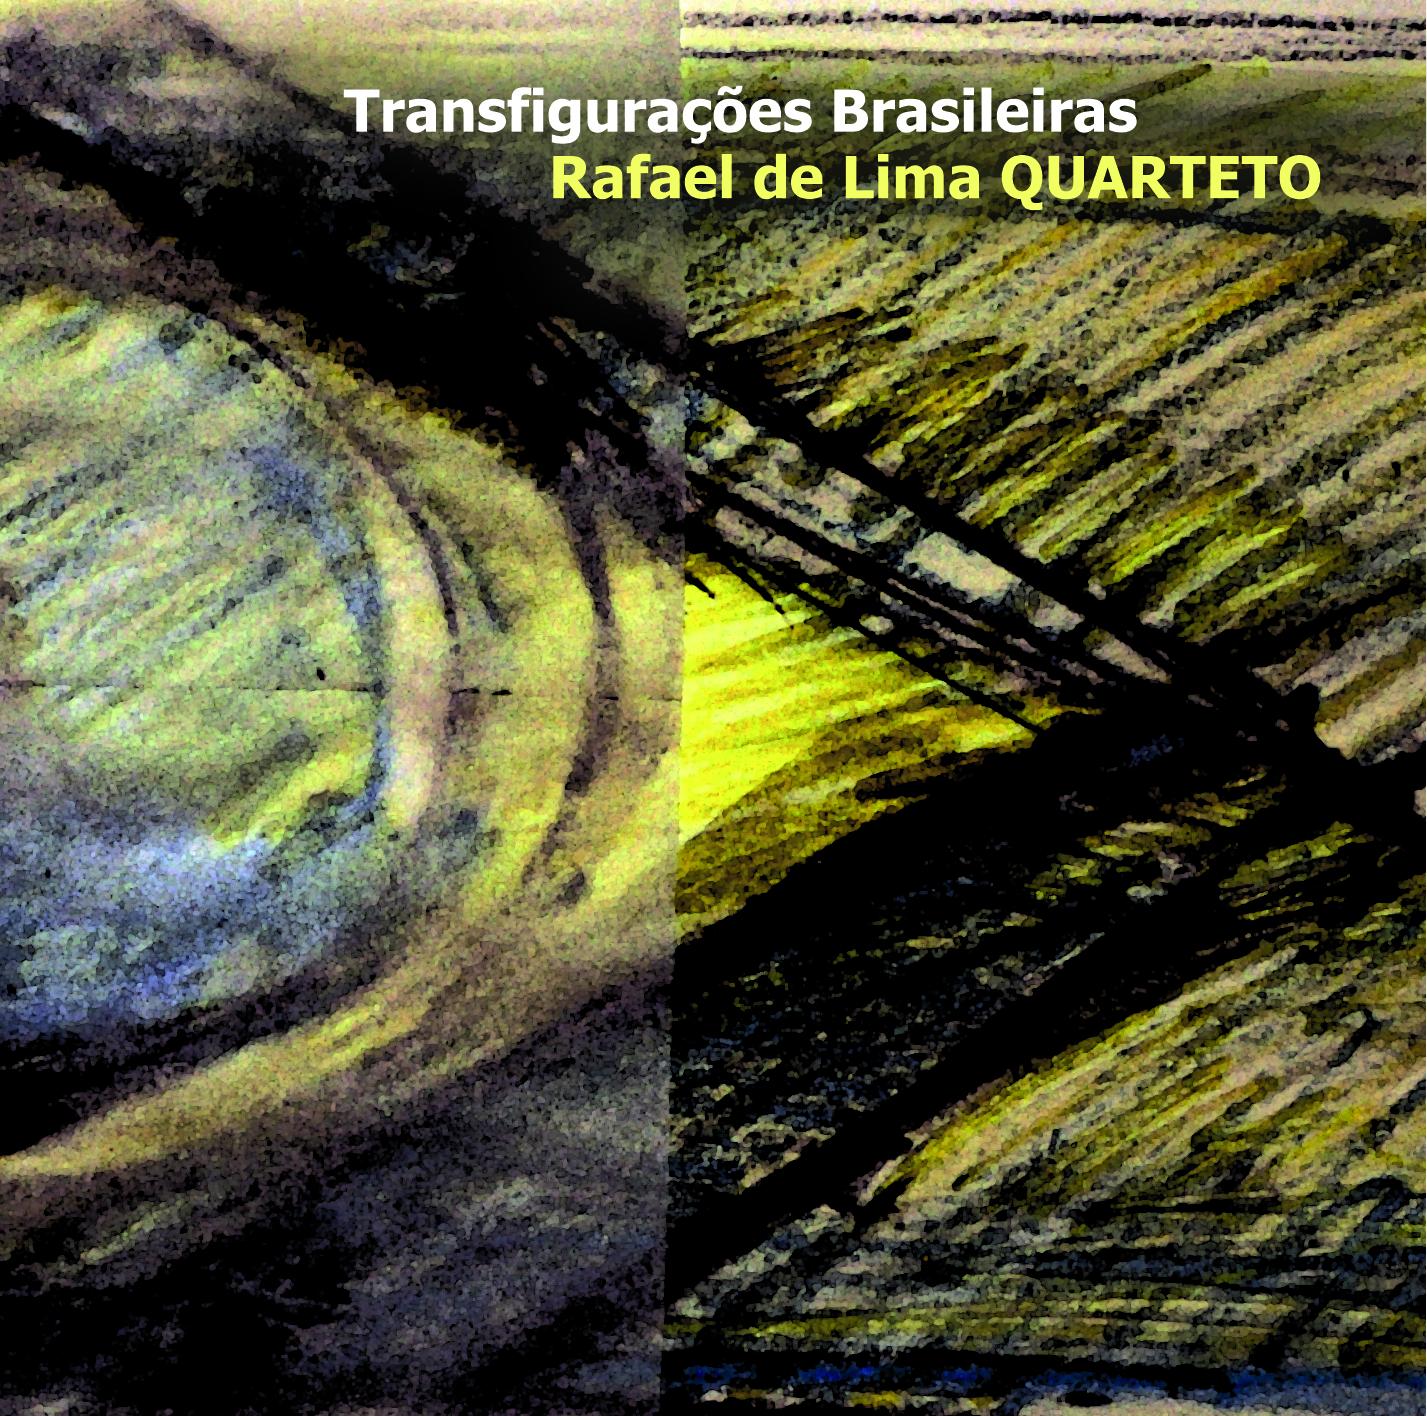 Transfigurações Brasileiras  (Brazil, 2012)  Rafael de Lima Quarteto